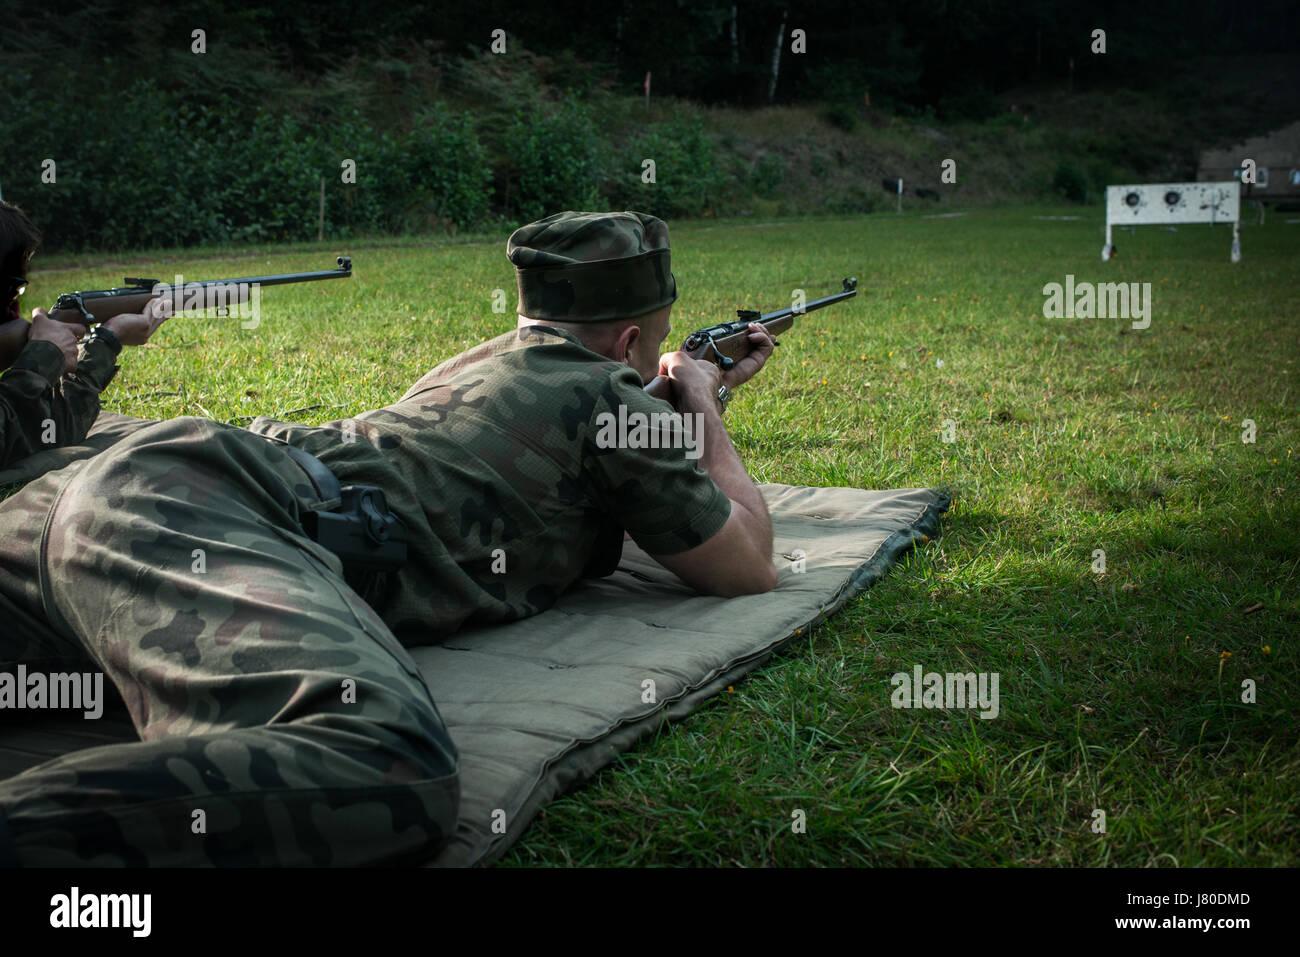 Deux homme sont de tir sur un stand de tir en plein air, selective focus Photo Stock